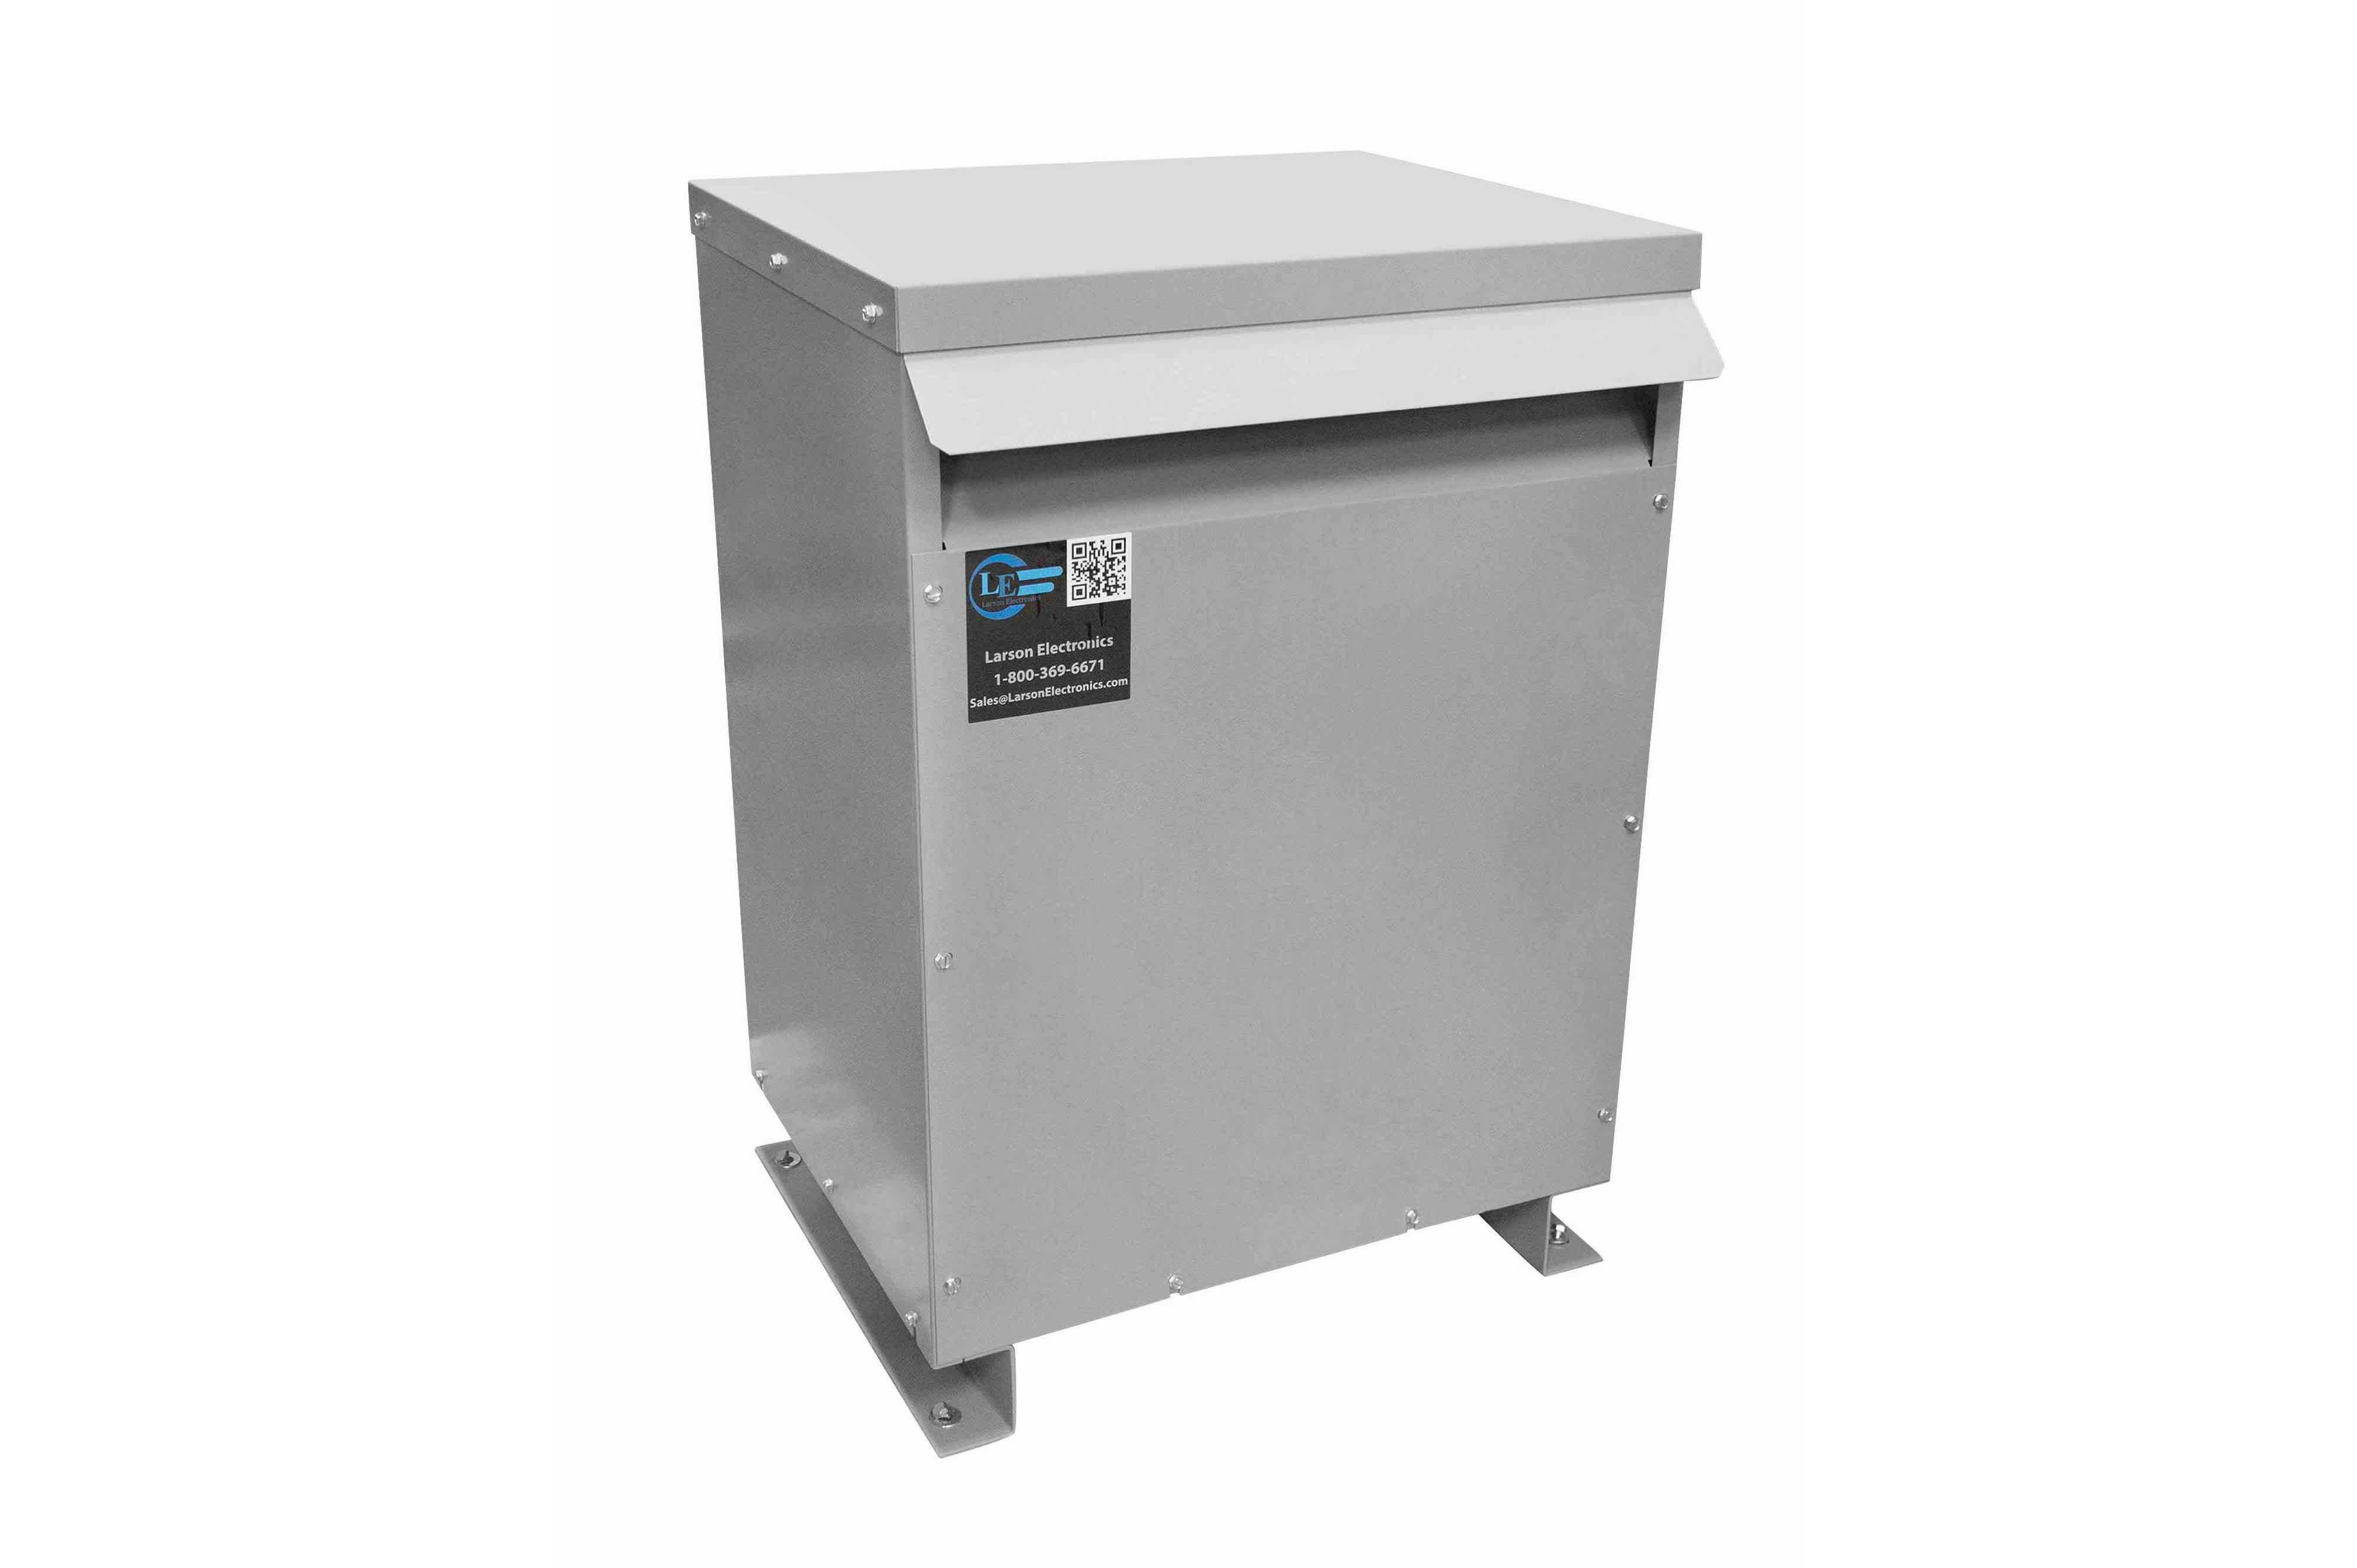 80 kVA 3PH Isolation Transformer, 415V Delta Primary, 240 Delta Secondary, N3R, Ventilated, 60 Hz